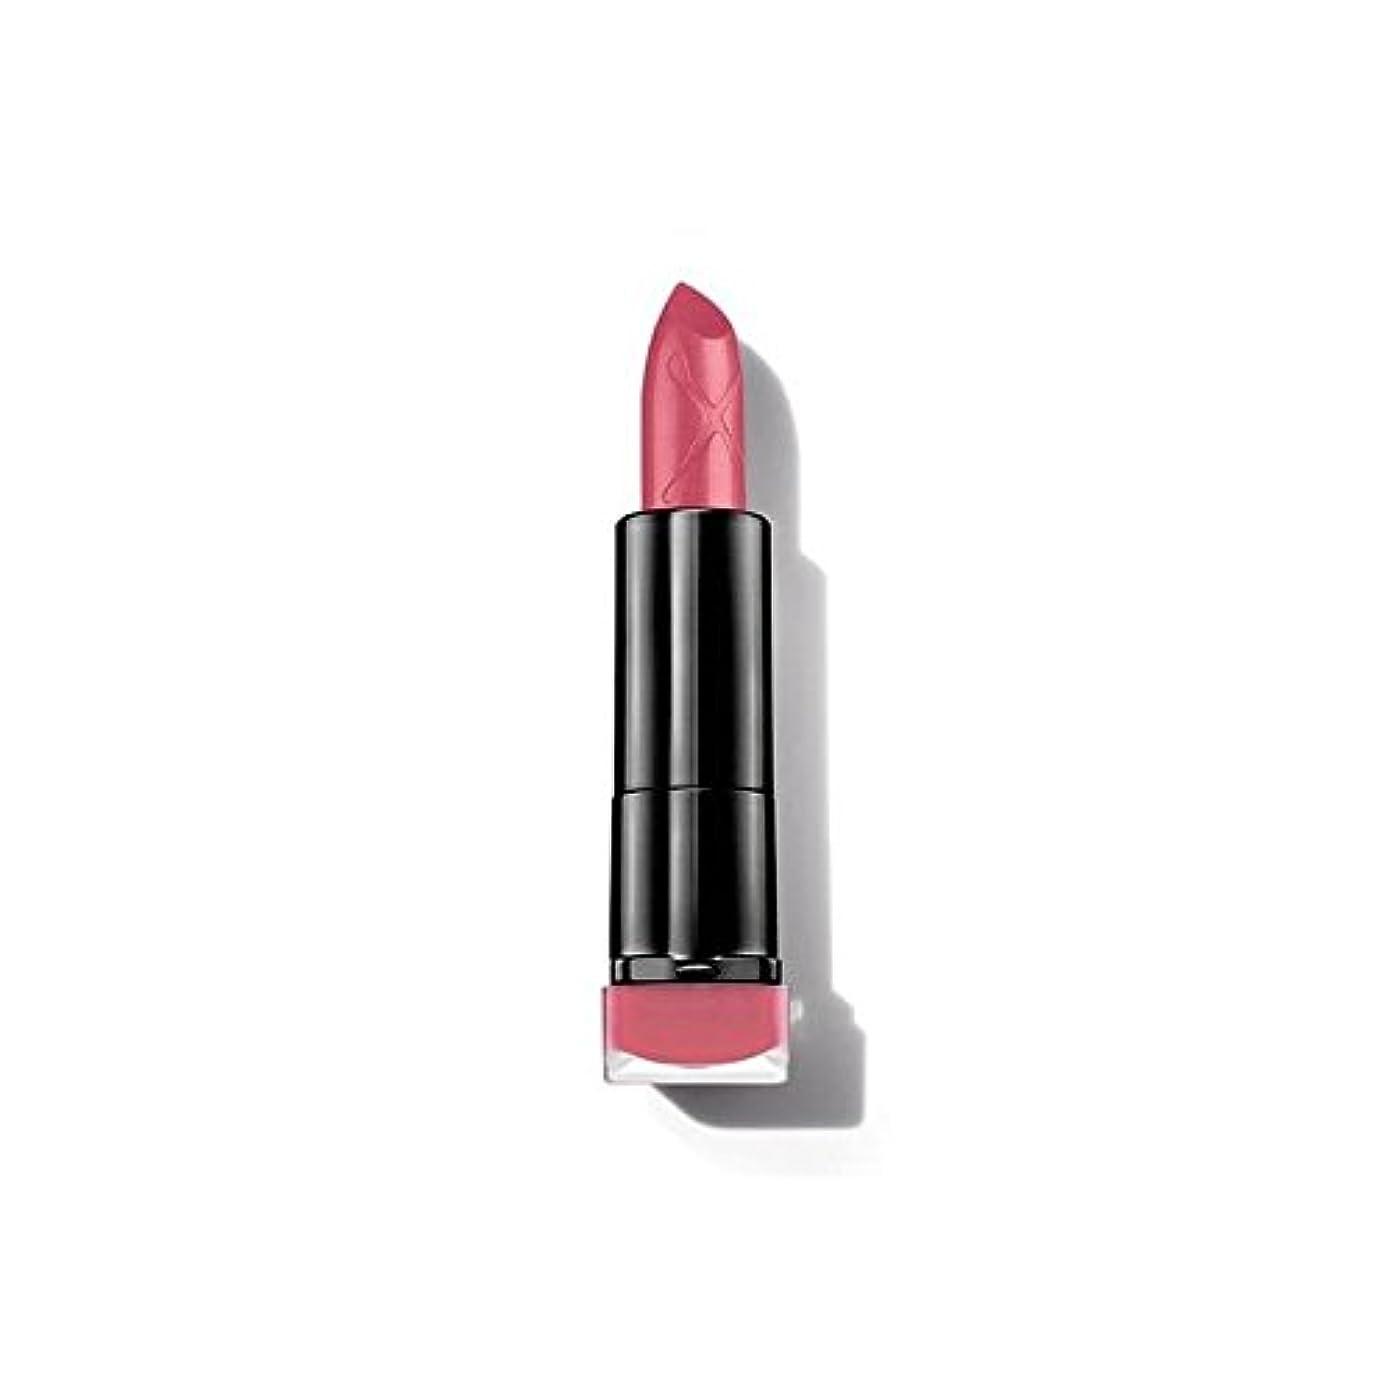 累積カフェペッカディロMax Factor Colour Elixir Matte Bullet Lipstick Rose 20 - マックスファクターカラーエリキシルマット弾丸の口紅は、20ローズ [並行輸入品]